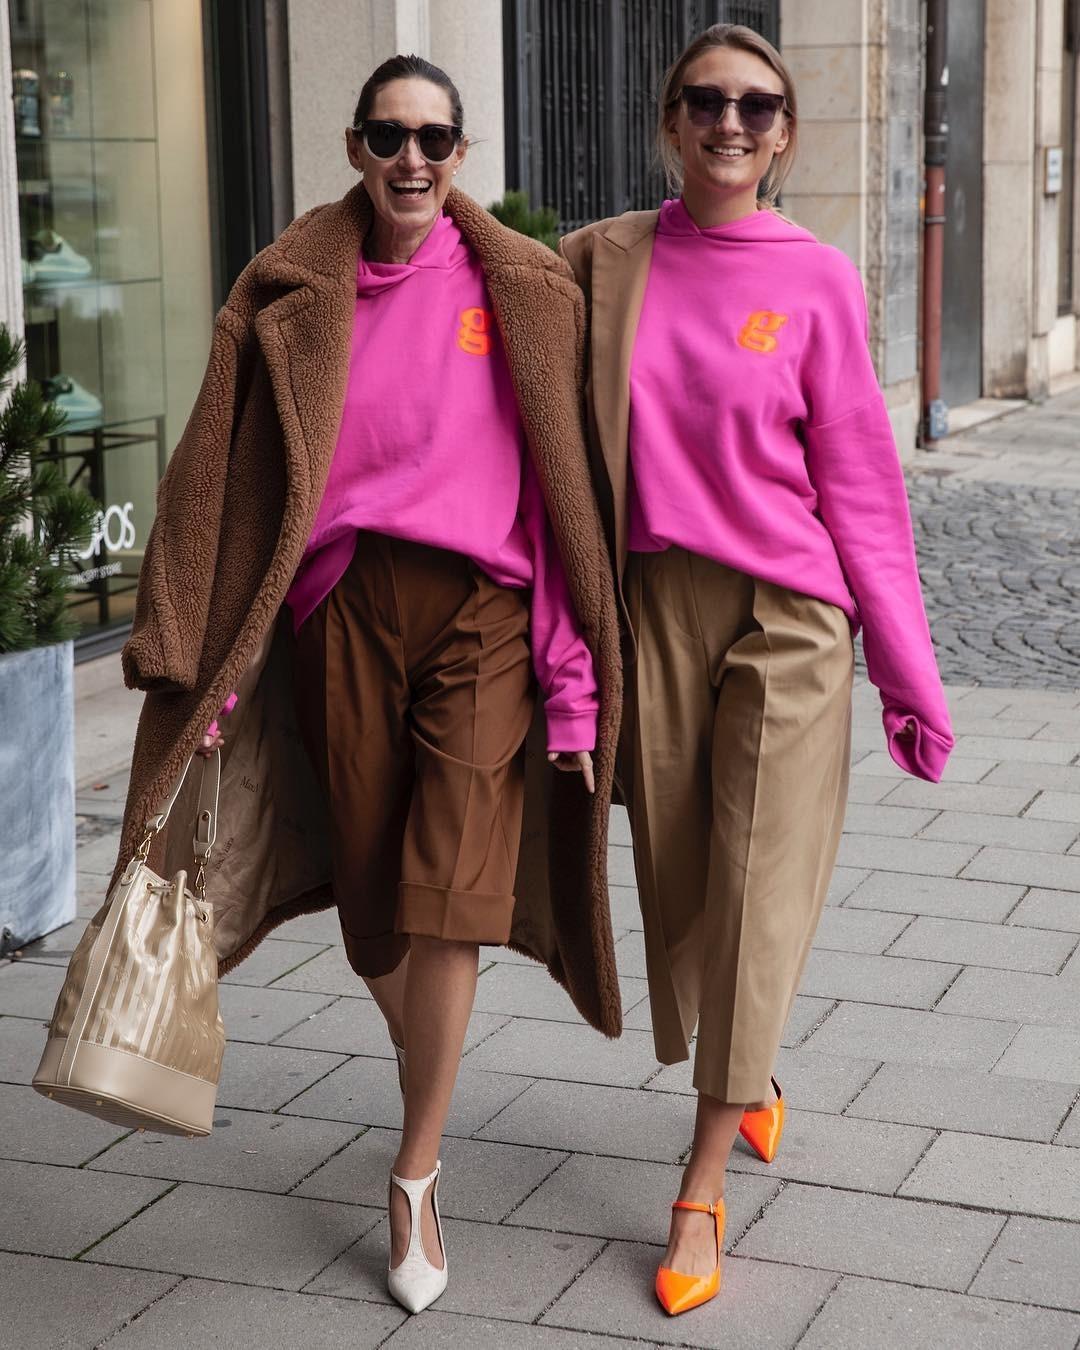 Τα hoodies φέτος το χειμώνα αναβαθμίζονται και γίνονται το super stylish κομμάτι της γκαρνταρόμπας